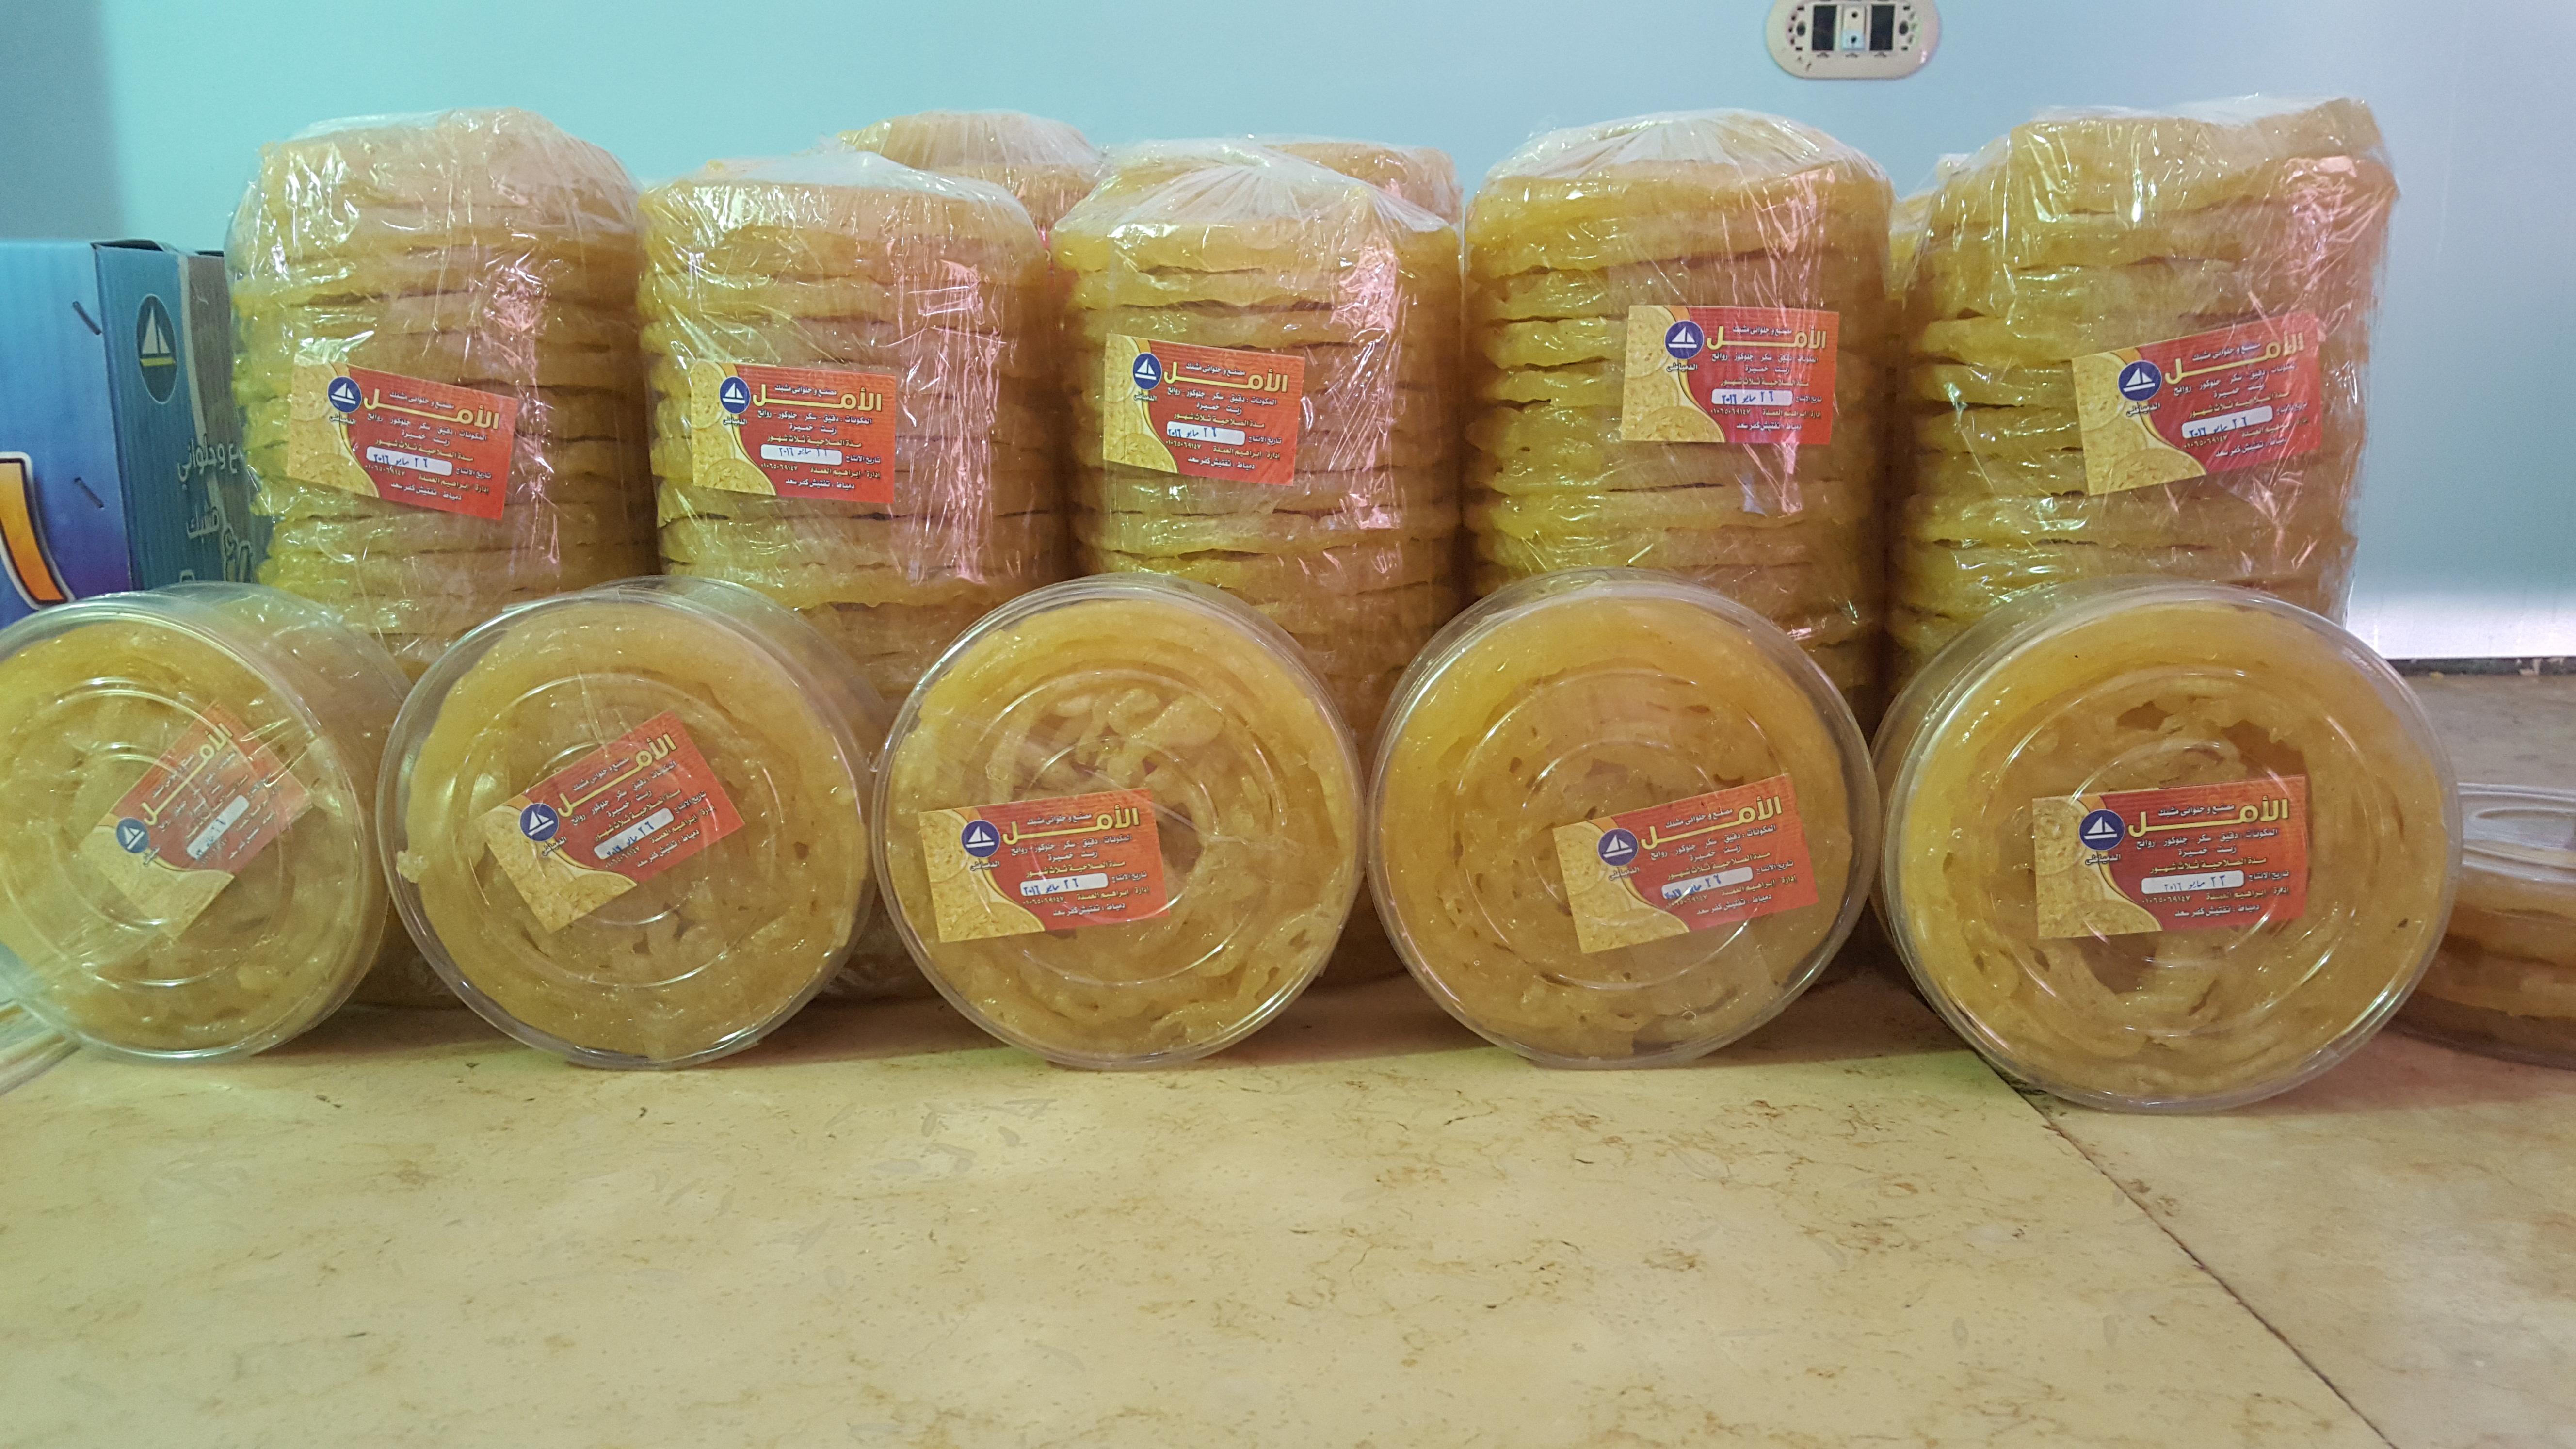 حلويات شرقية مشبك الامل الدمياطي do.php?img=35750